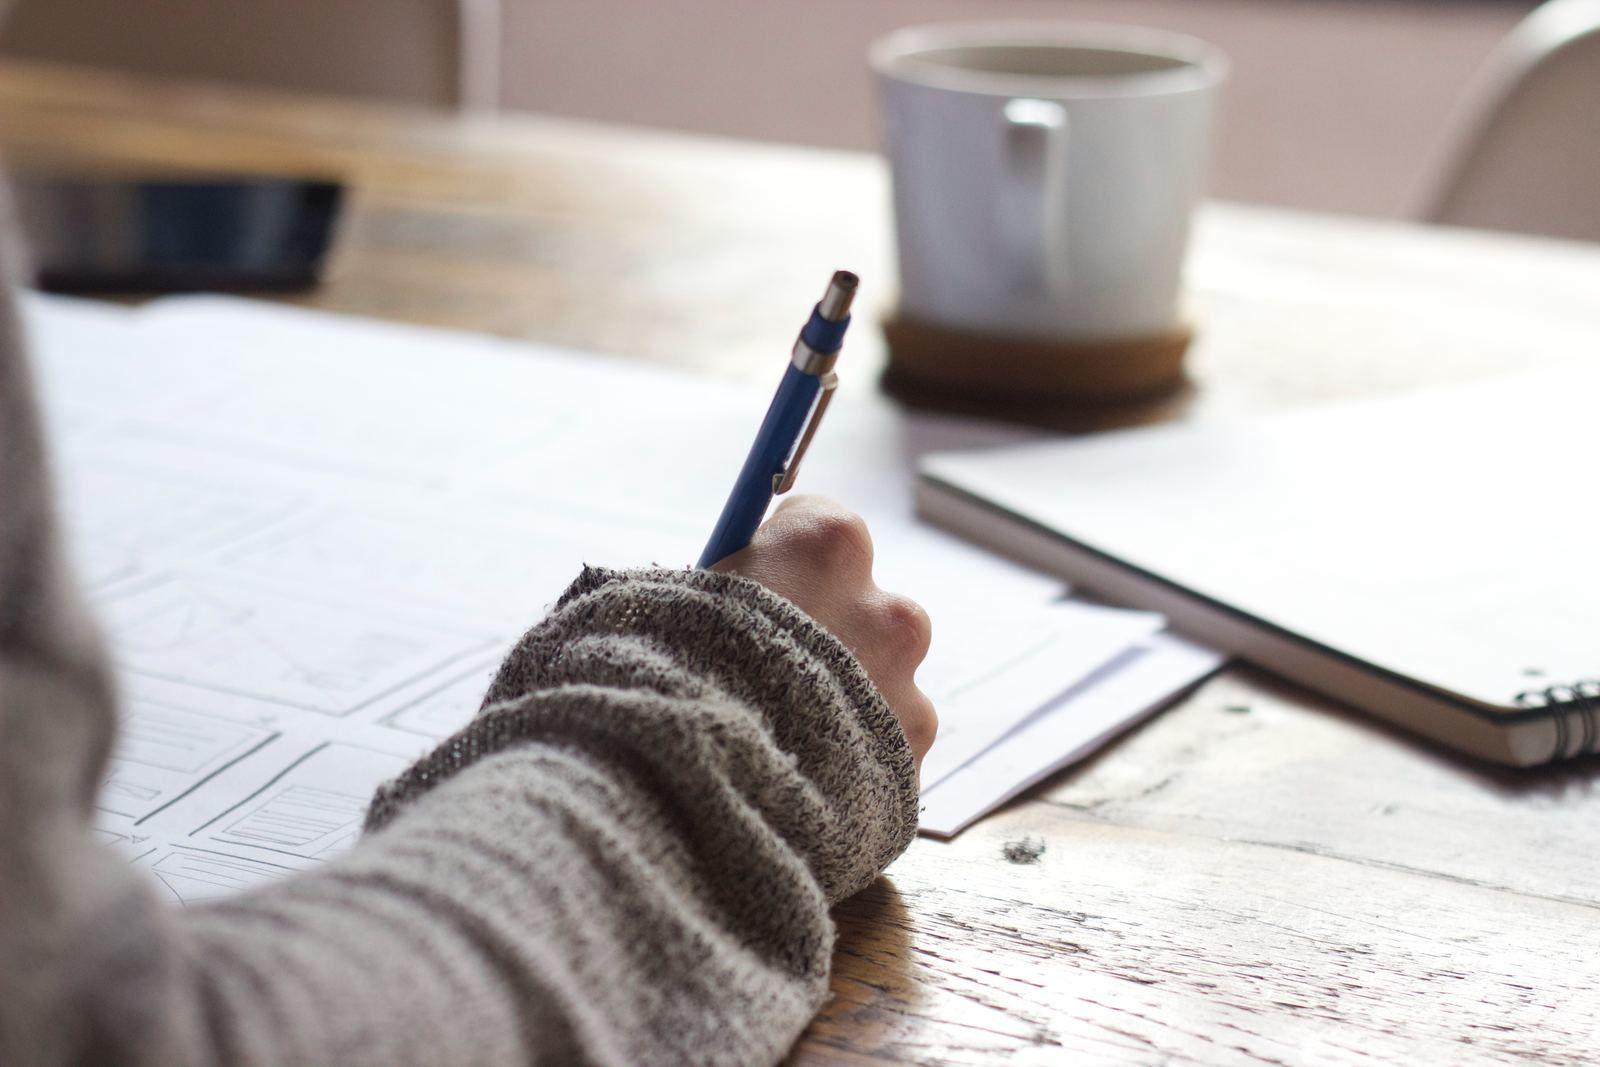 Astuce anti-page blanche : 10 idées d'articles pour septembre